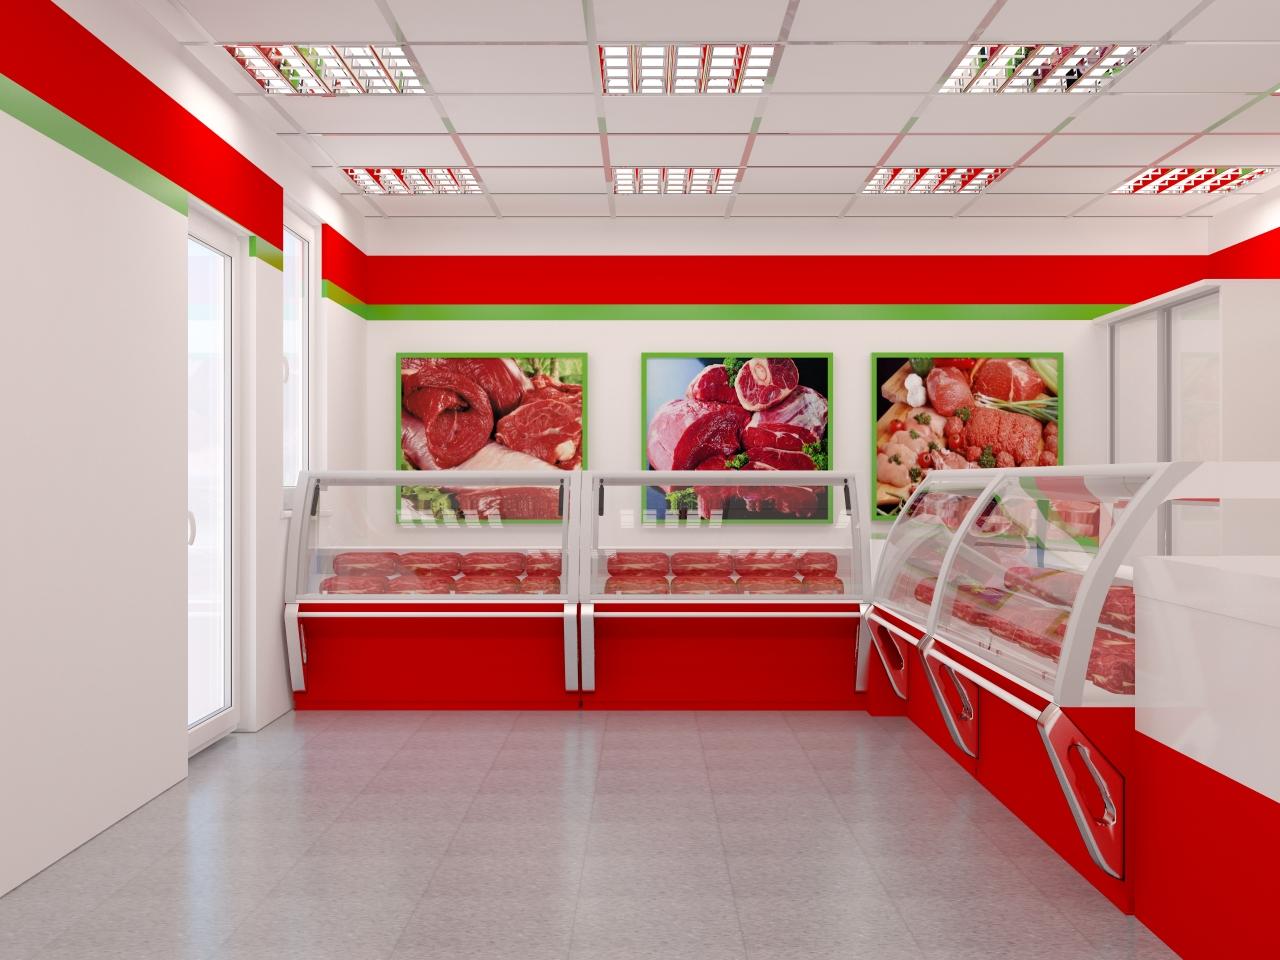 Мясной магазин интерьер фото